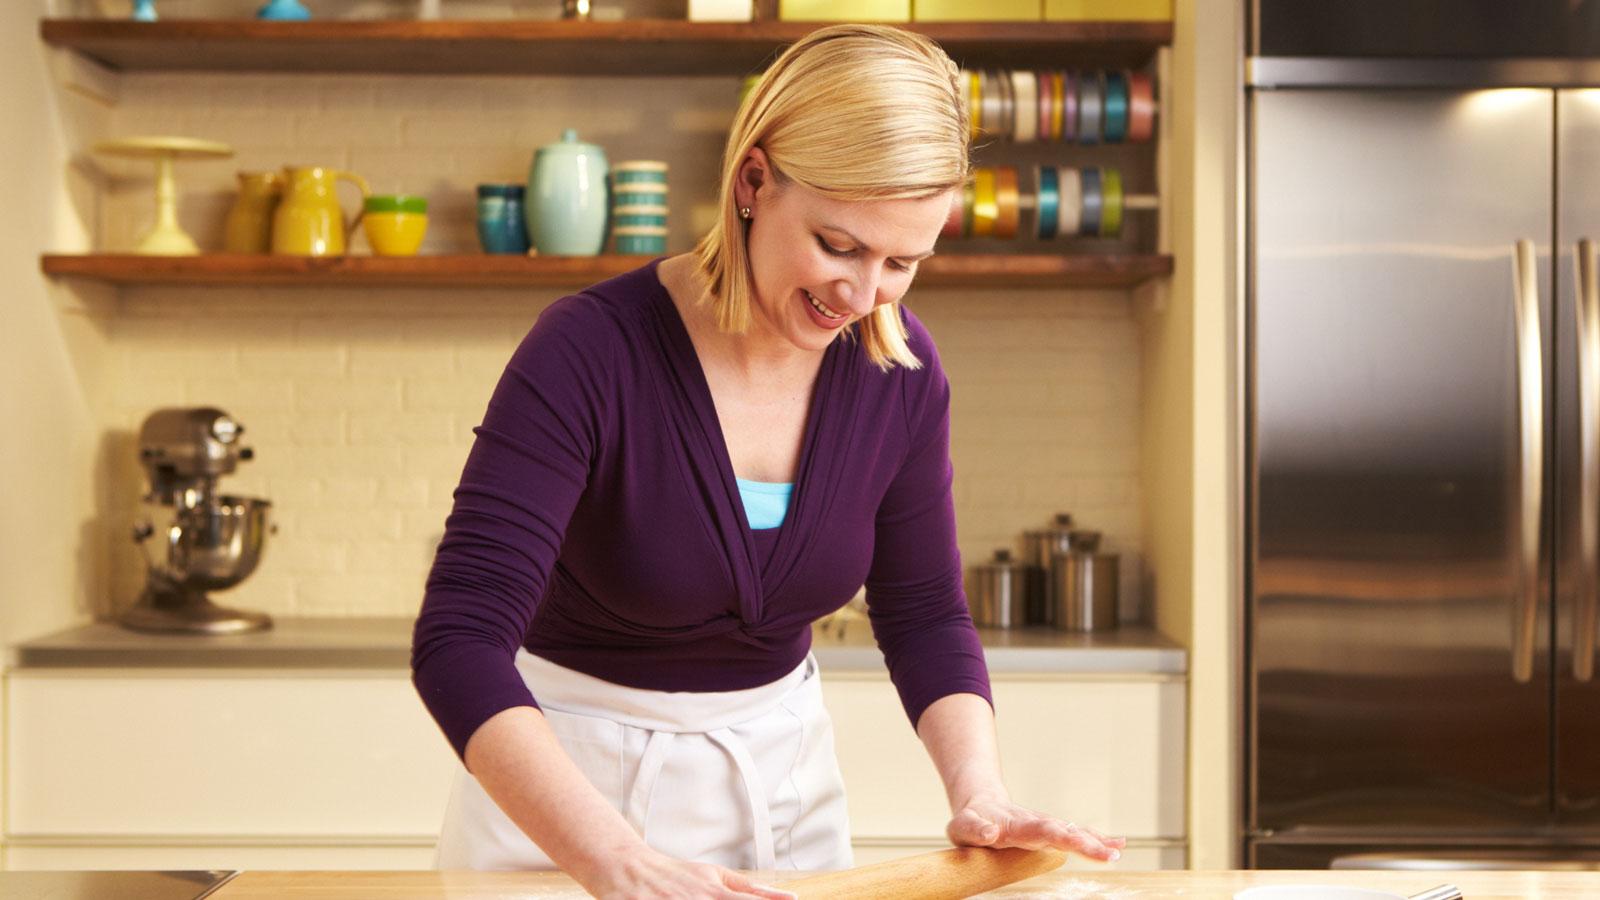 La reposter a de anna olson t2 programas canal cocina for Programas de cocina